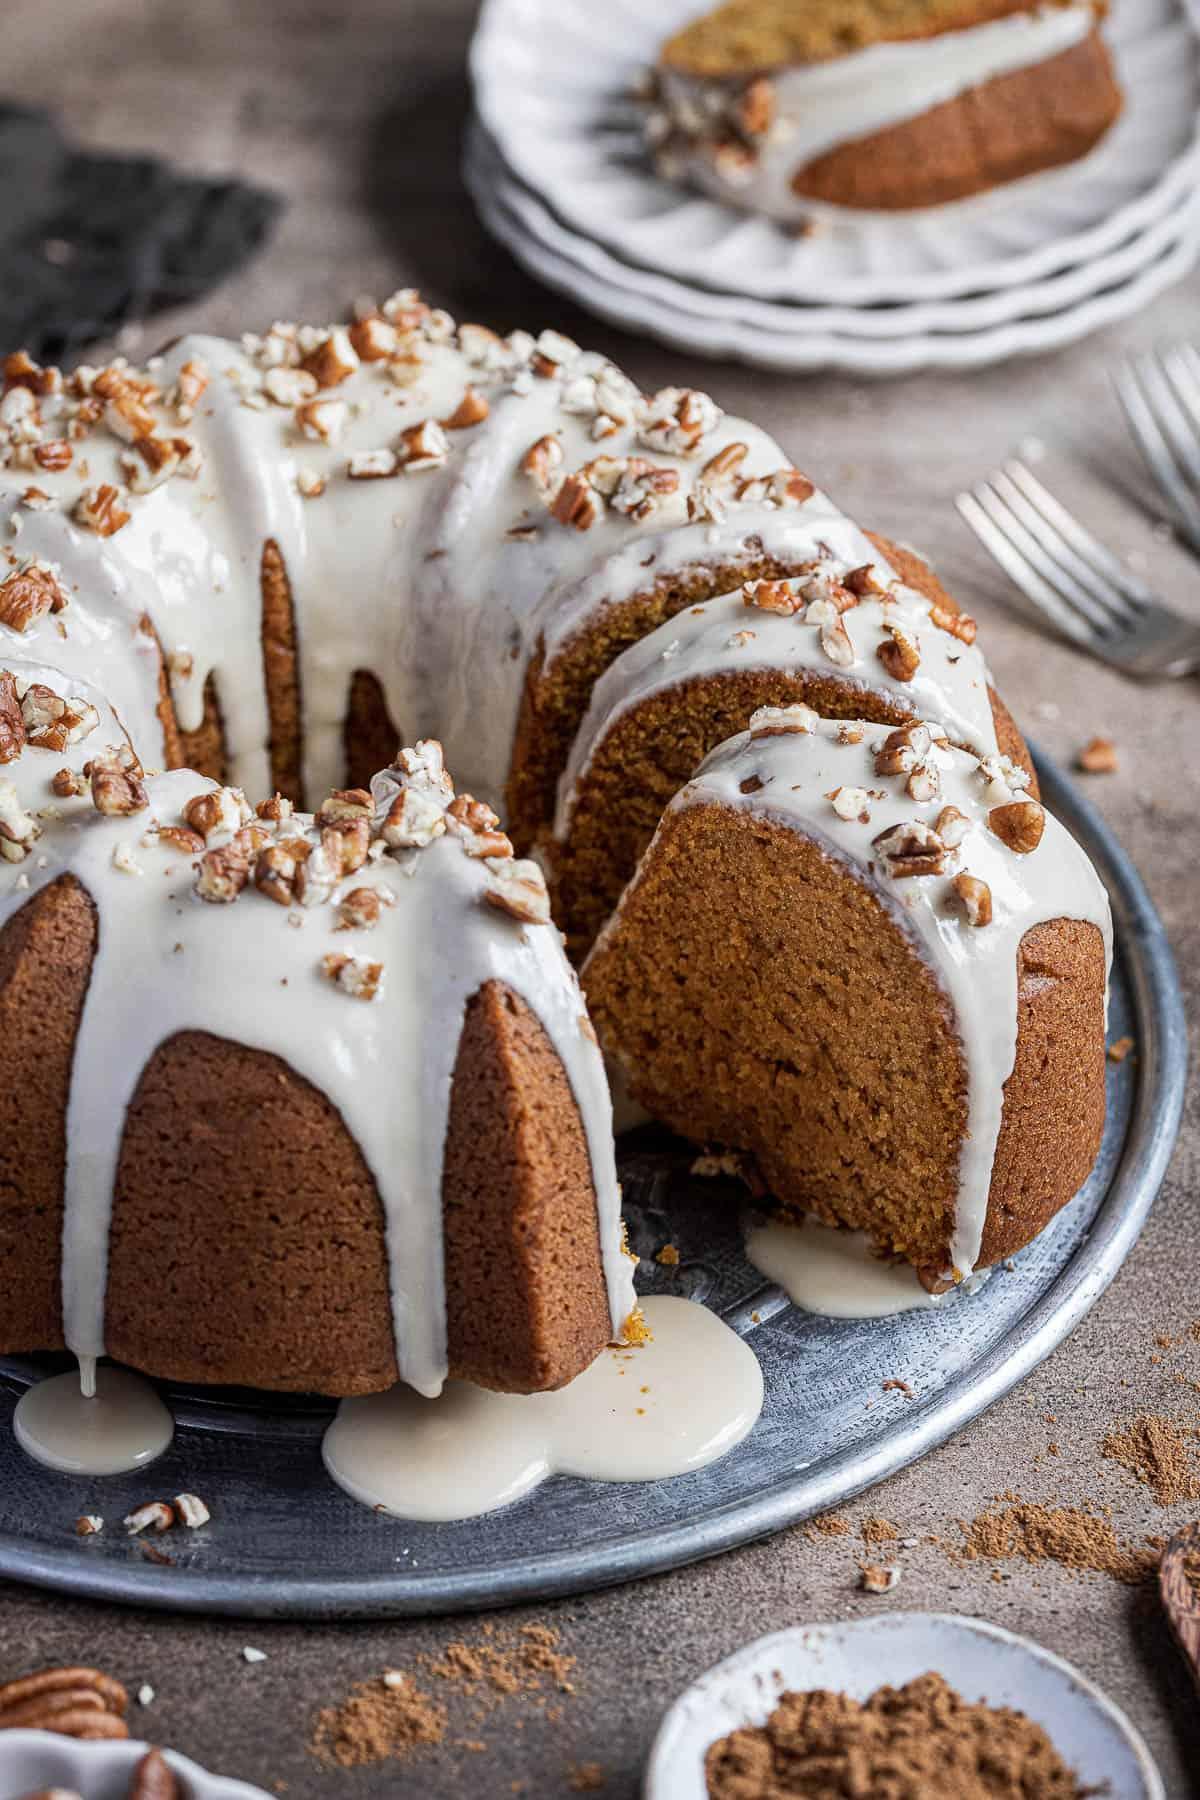 Close up of the sliced bundt cake.